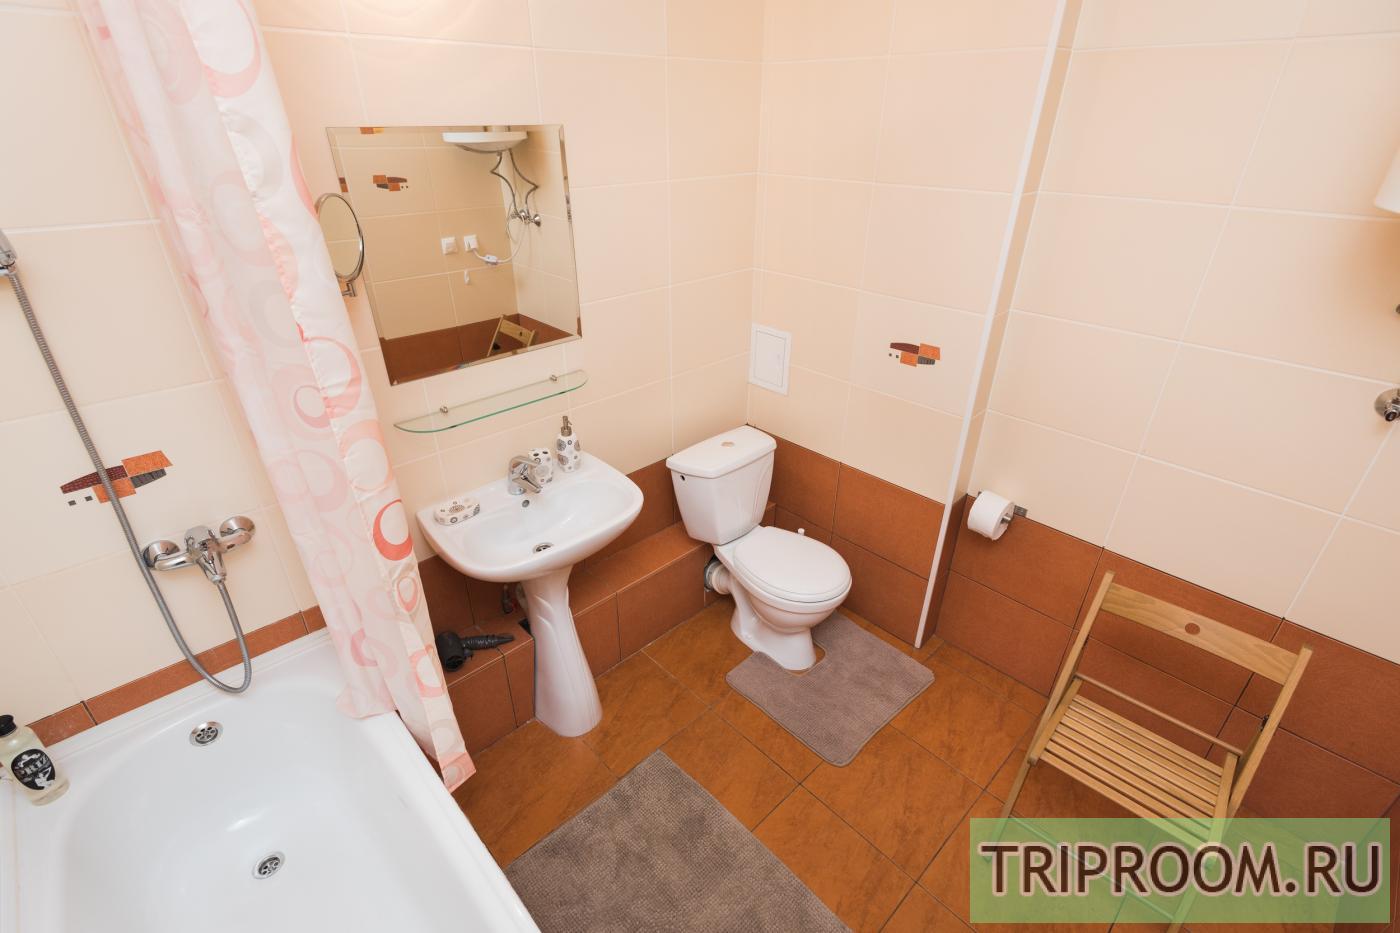 2-комнатная квартира посуточно (вариант № 11950), ул. Шейнкмана улица, фото № 10